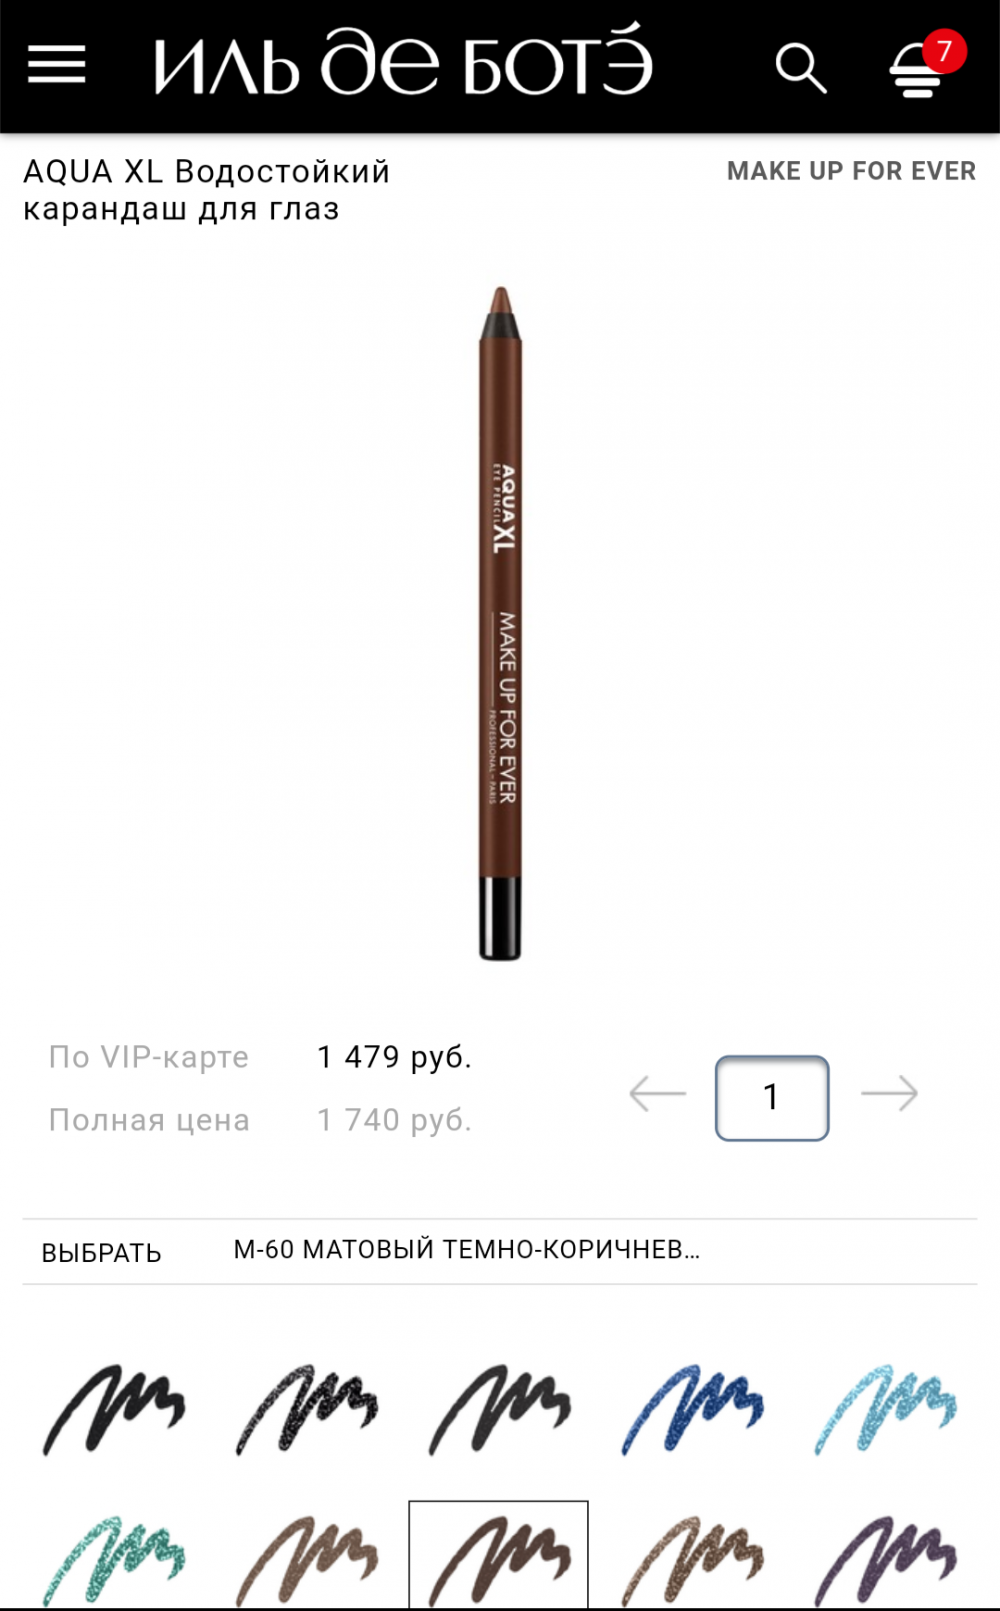 MAKE UP FOR EVER карандаш для глаз водостойкий